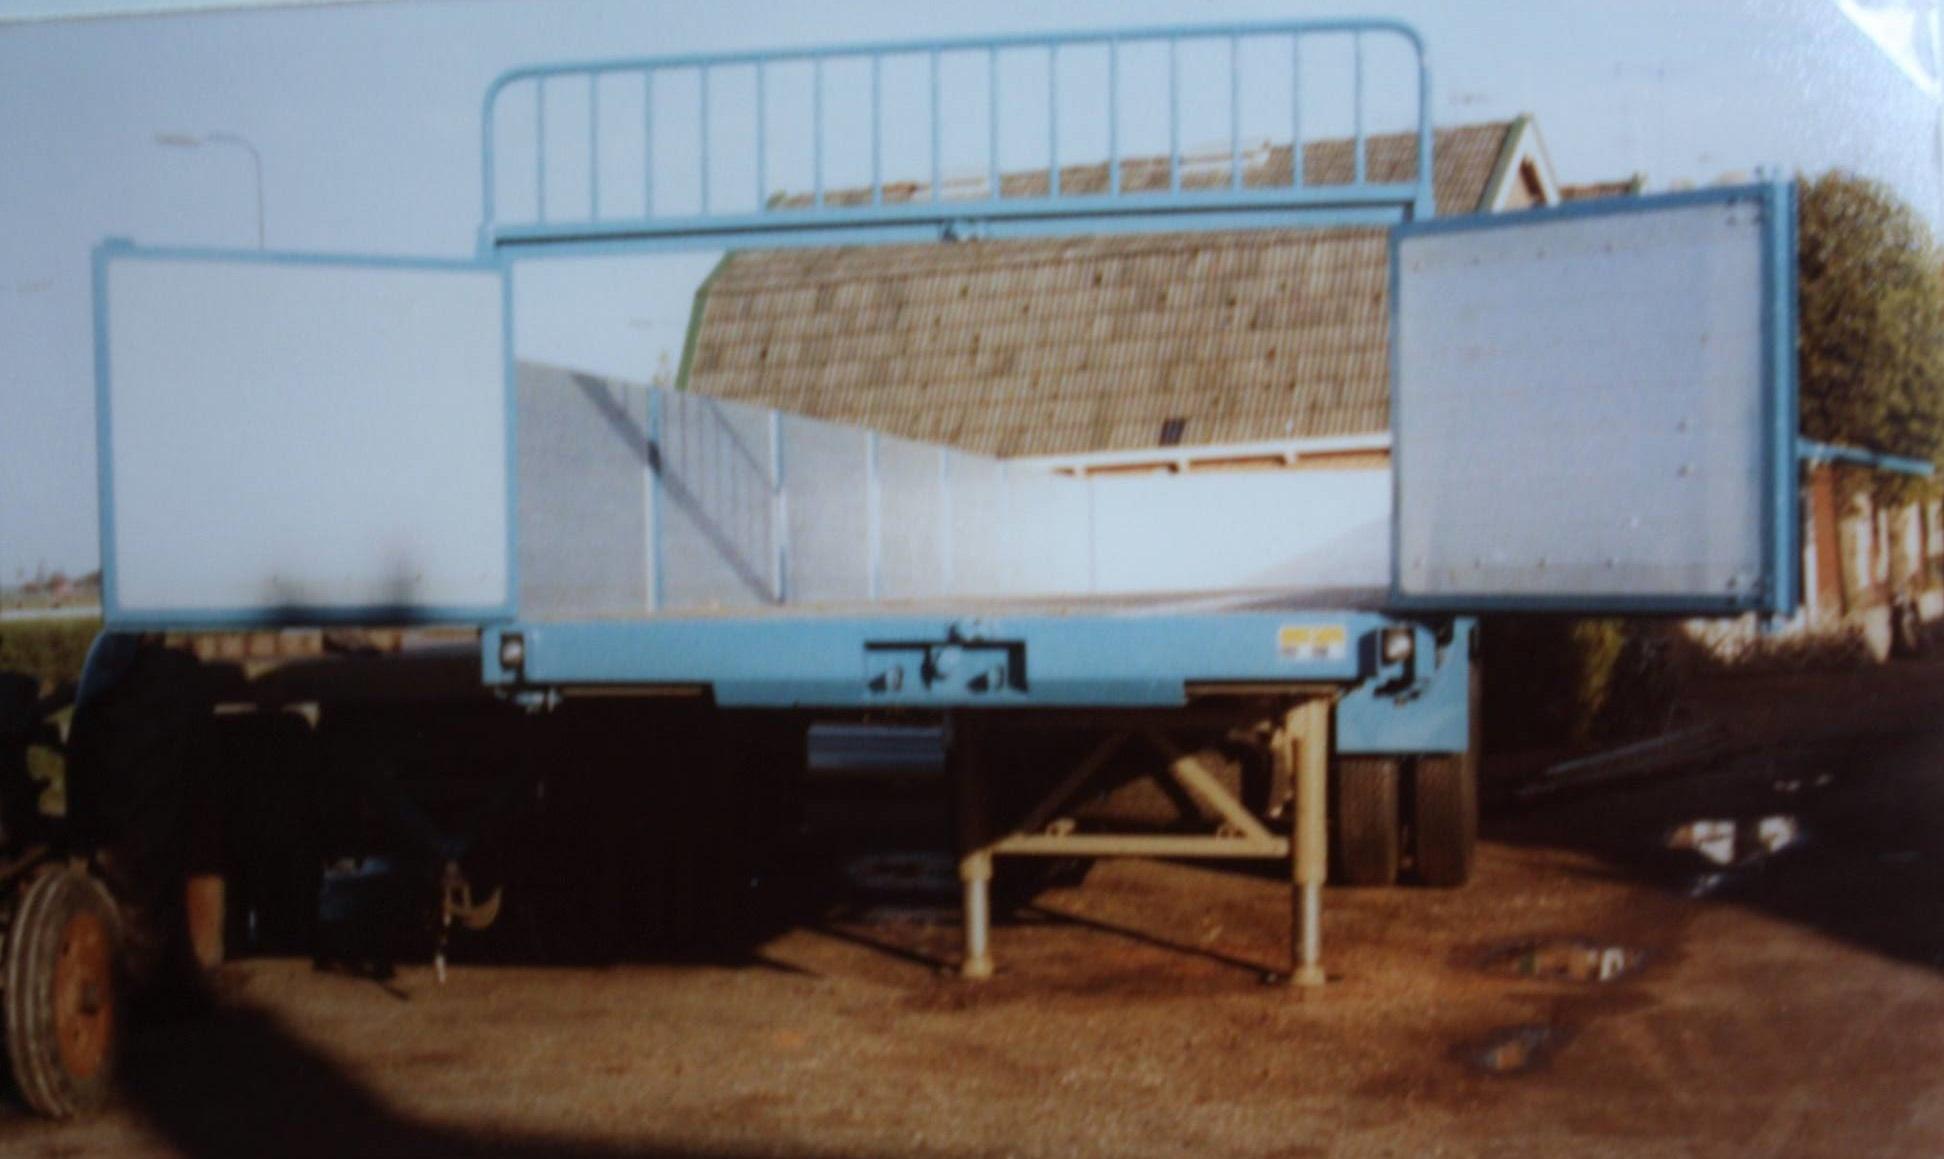 combinatie-truck-met-aanhangwagen-voor-bietenvervoer-en-deze-oplegger-is-gebouwd-door-Rondaan-voor-Transportbedrijf-Althusius-in-Tzummarum-6